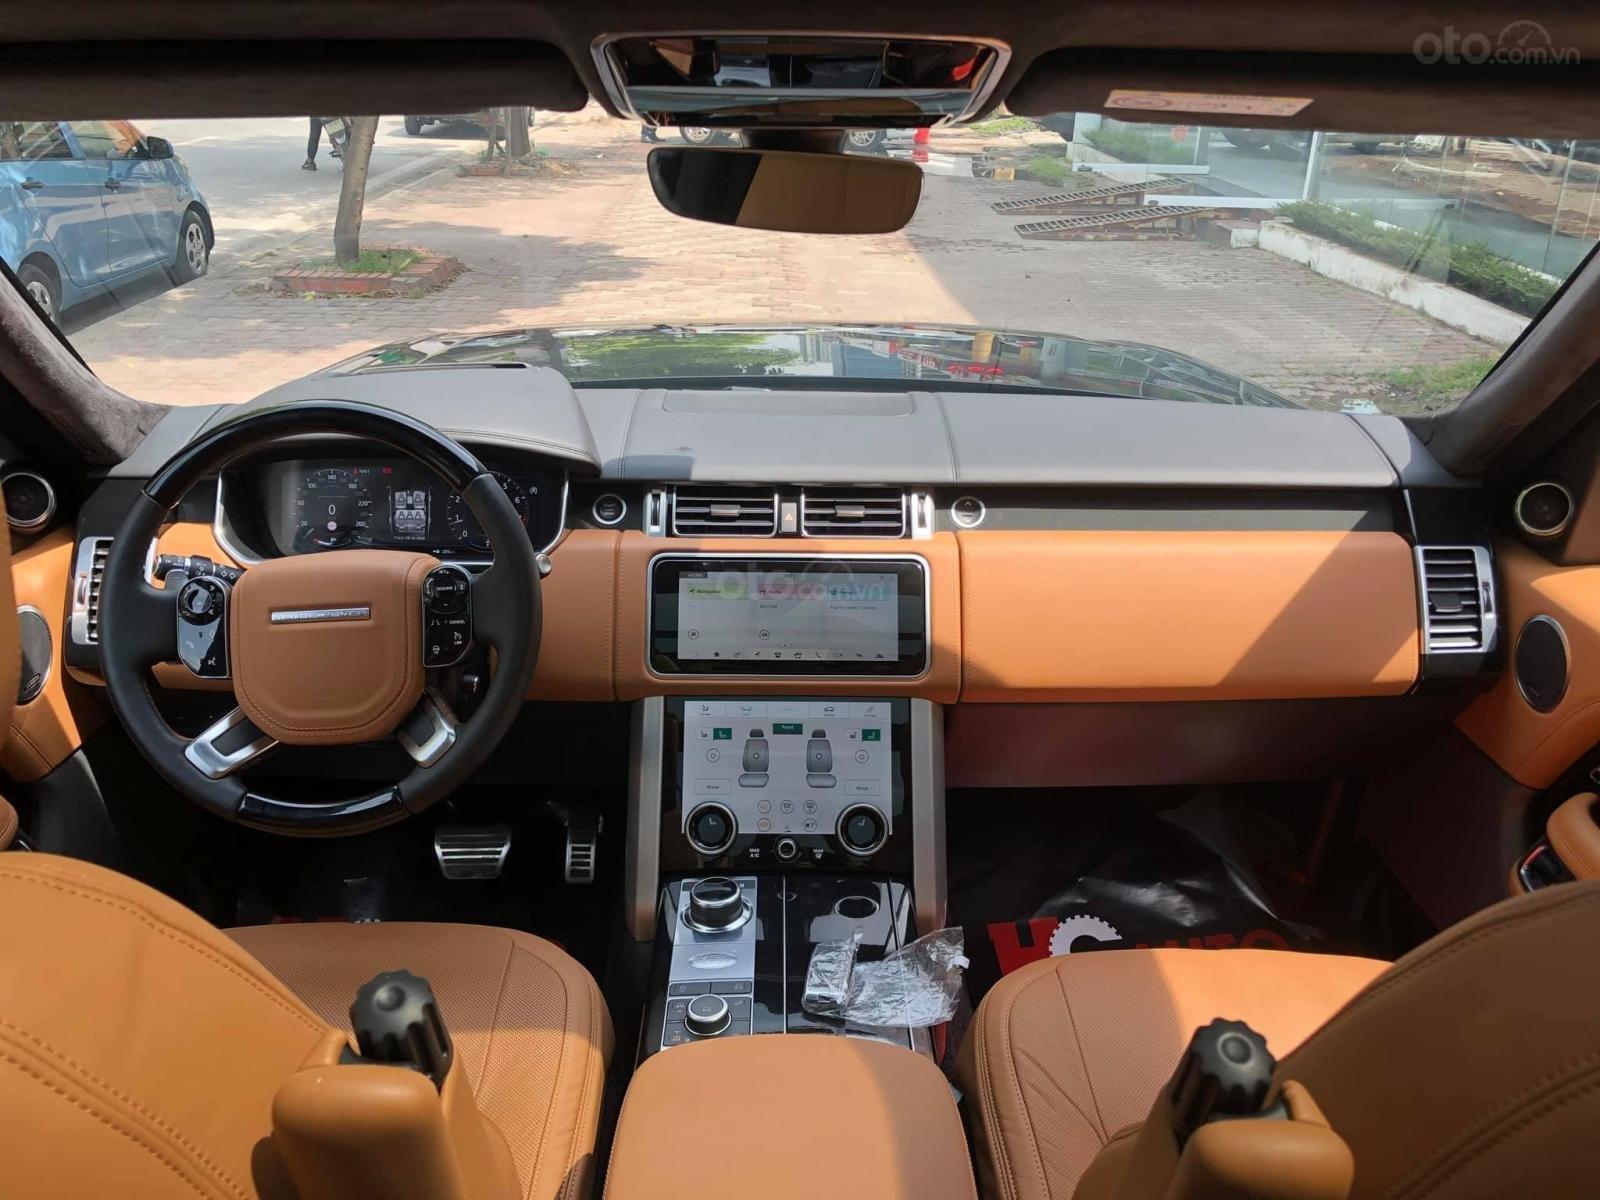 Bán Range Rover Autobiography LWB 5.0 2019, màu đen, nhập khẩu nguyên chiếc, full options-3